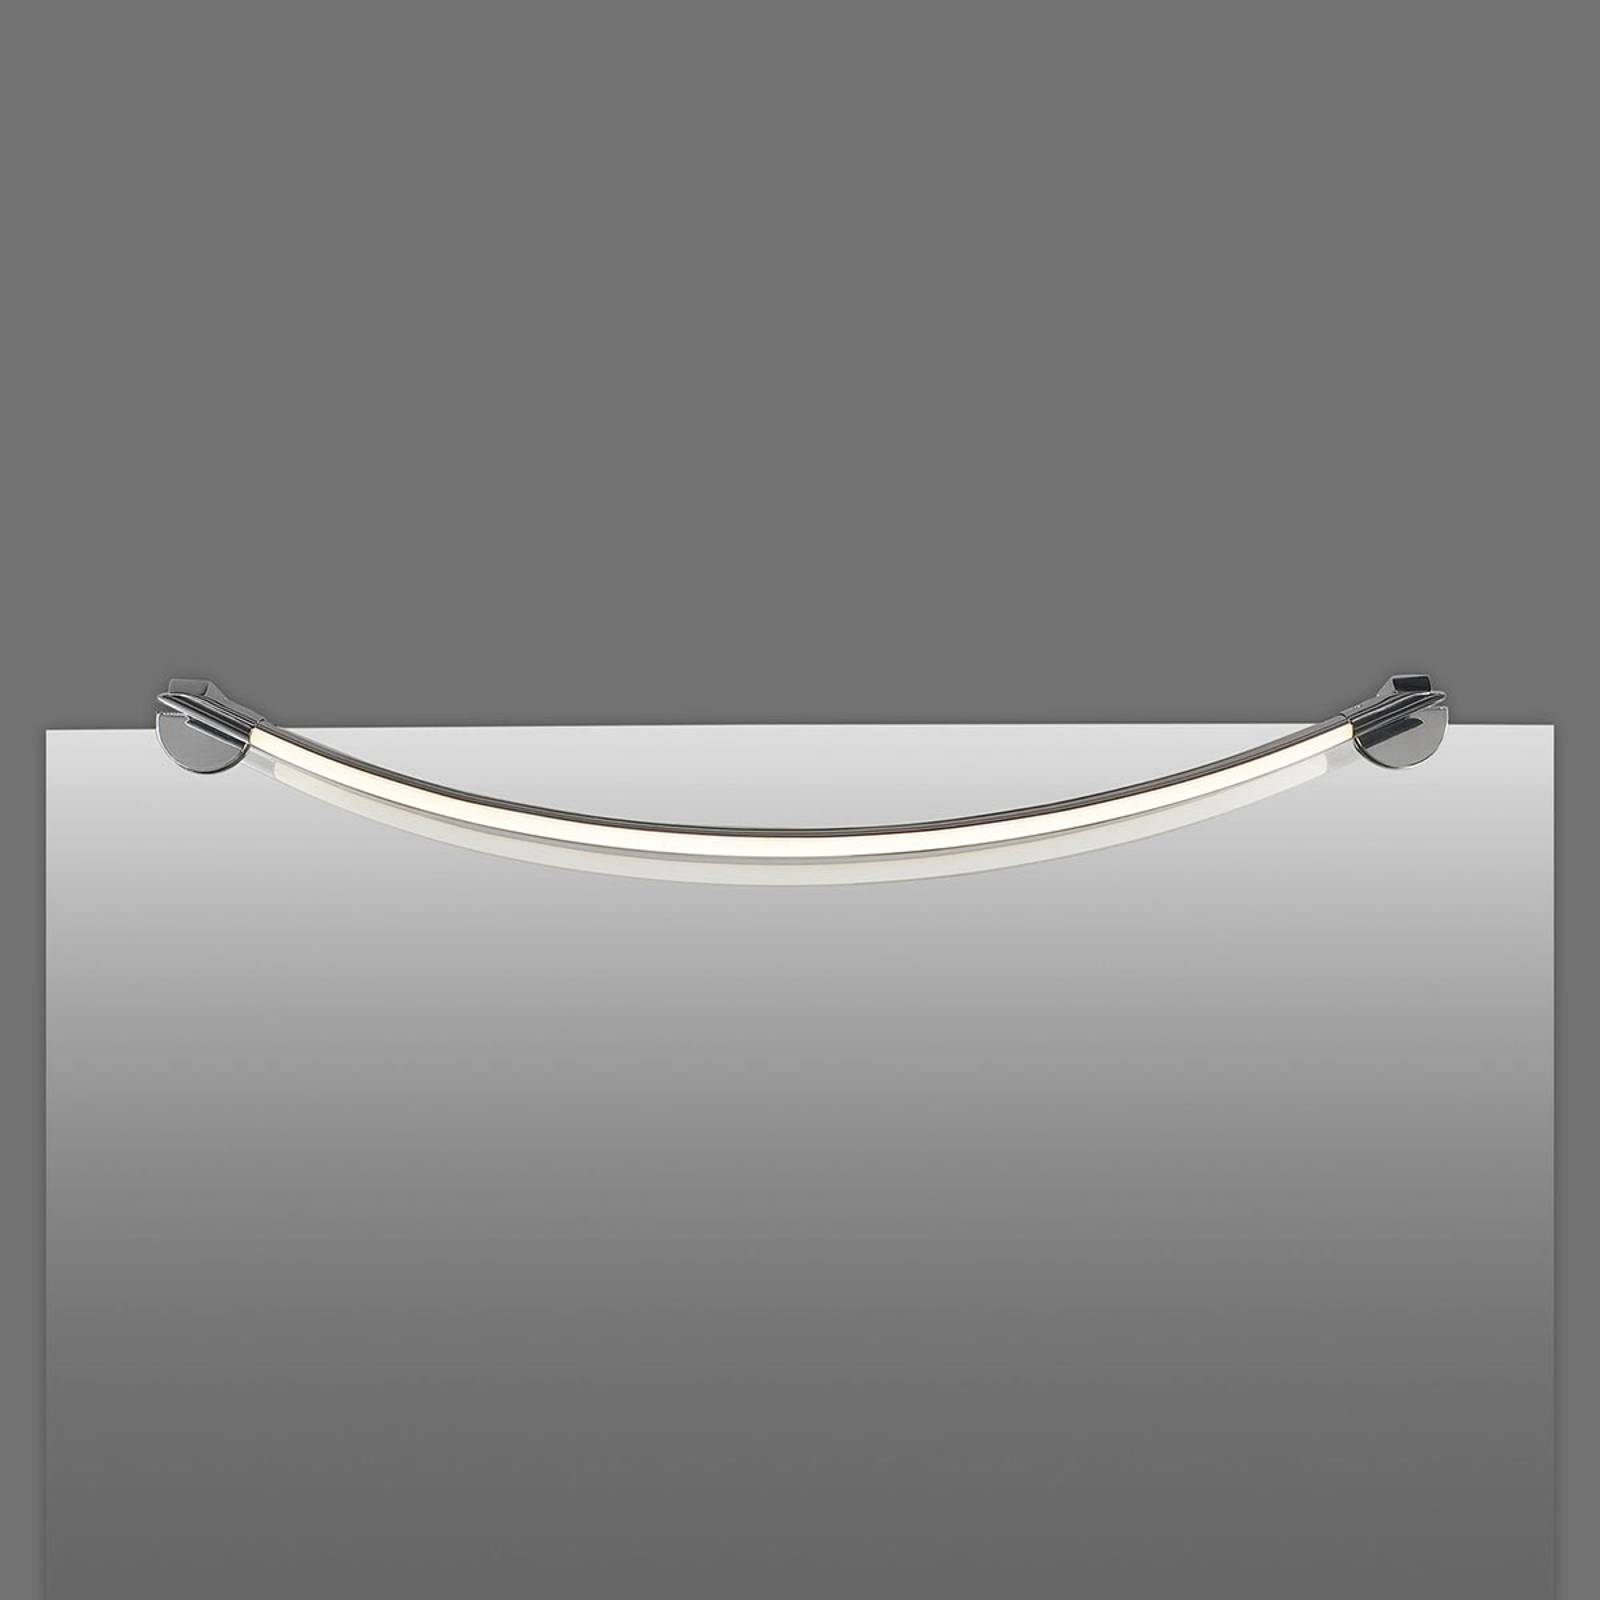 Bilde av Buet Led-speillampe Flow, 68,5 Cm